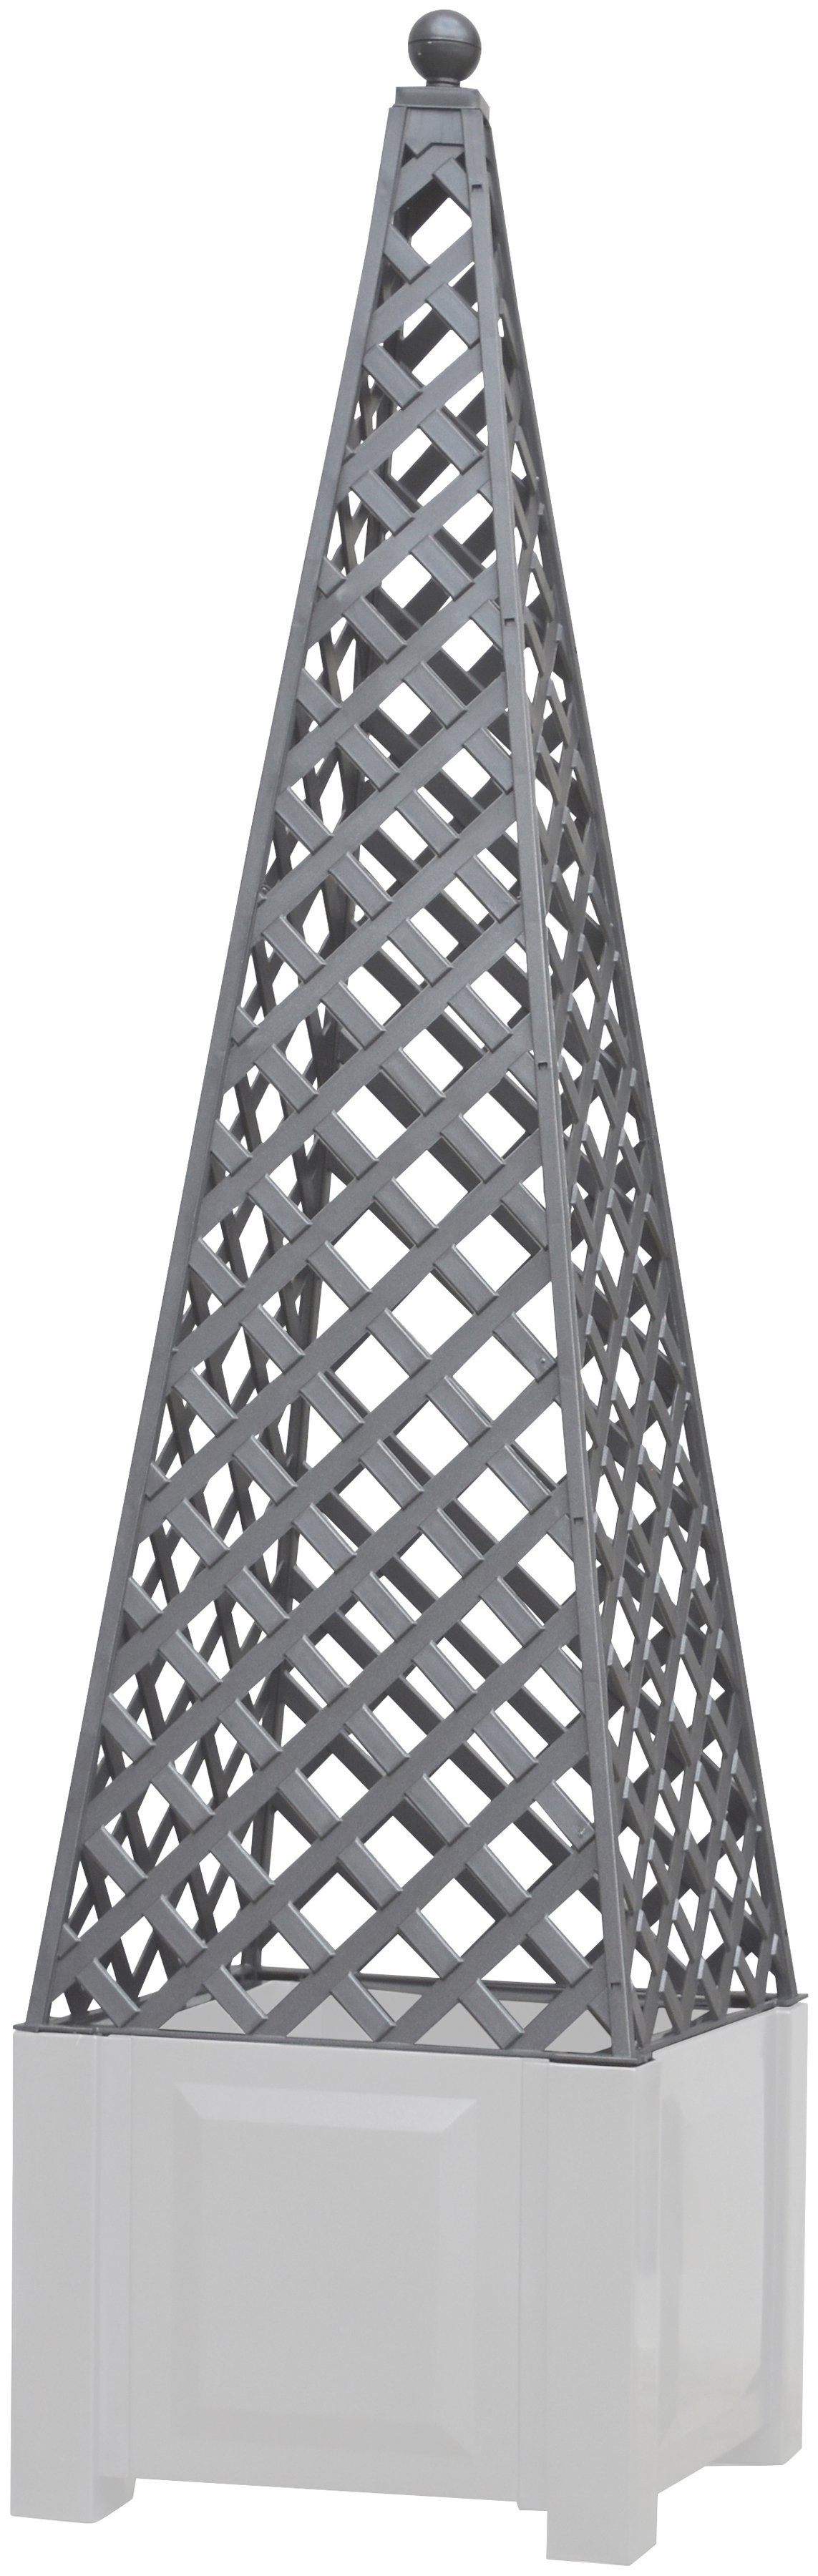 KHW Rankgitter , zum Nachrüsten, grau, BxTxH: 43x43x140 cm